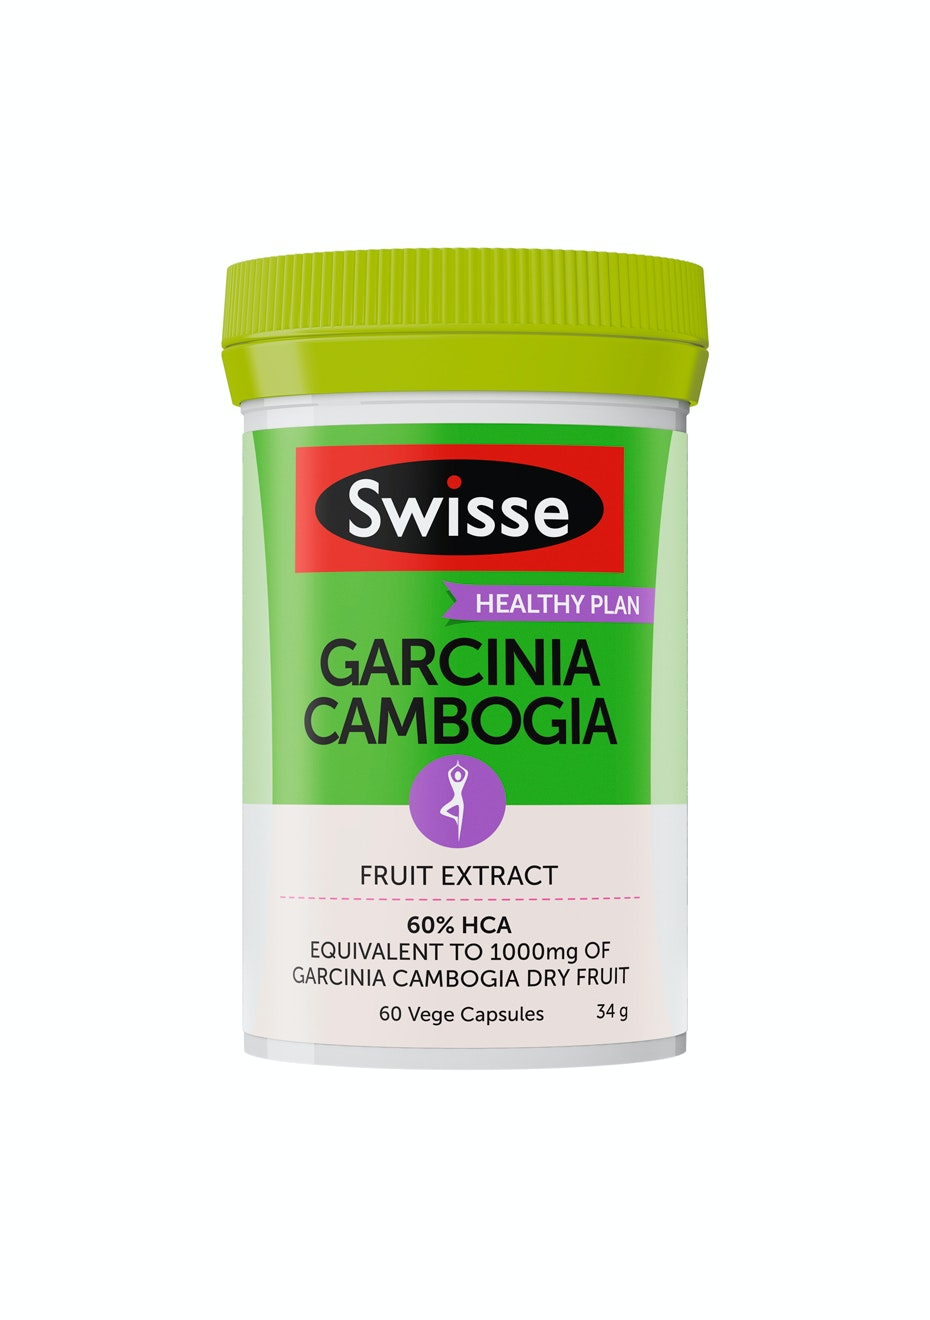 Swisse Garcinia Cambogia (60%) 60 Vege Caps